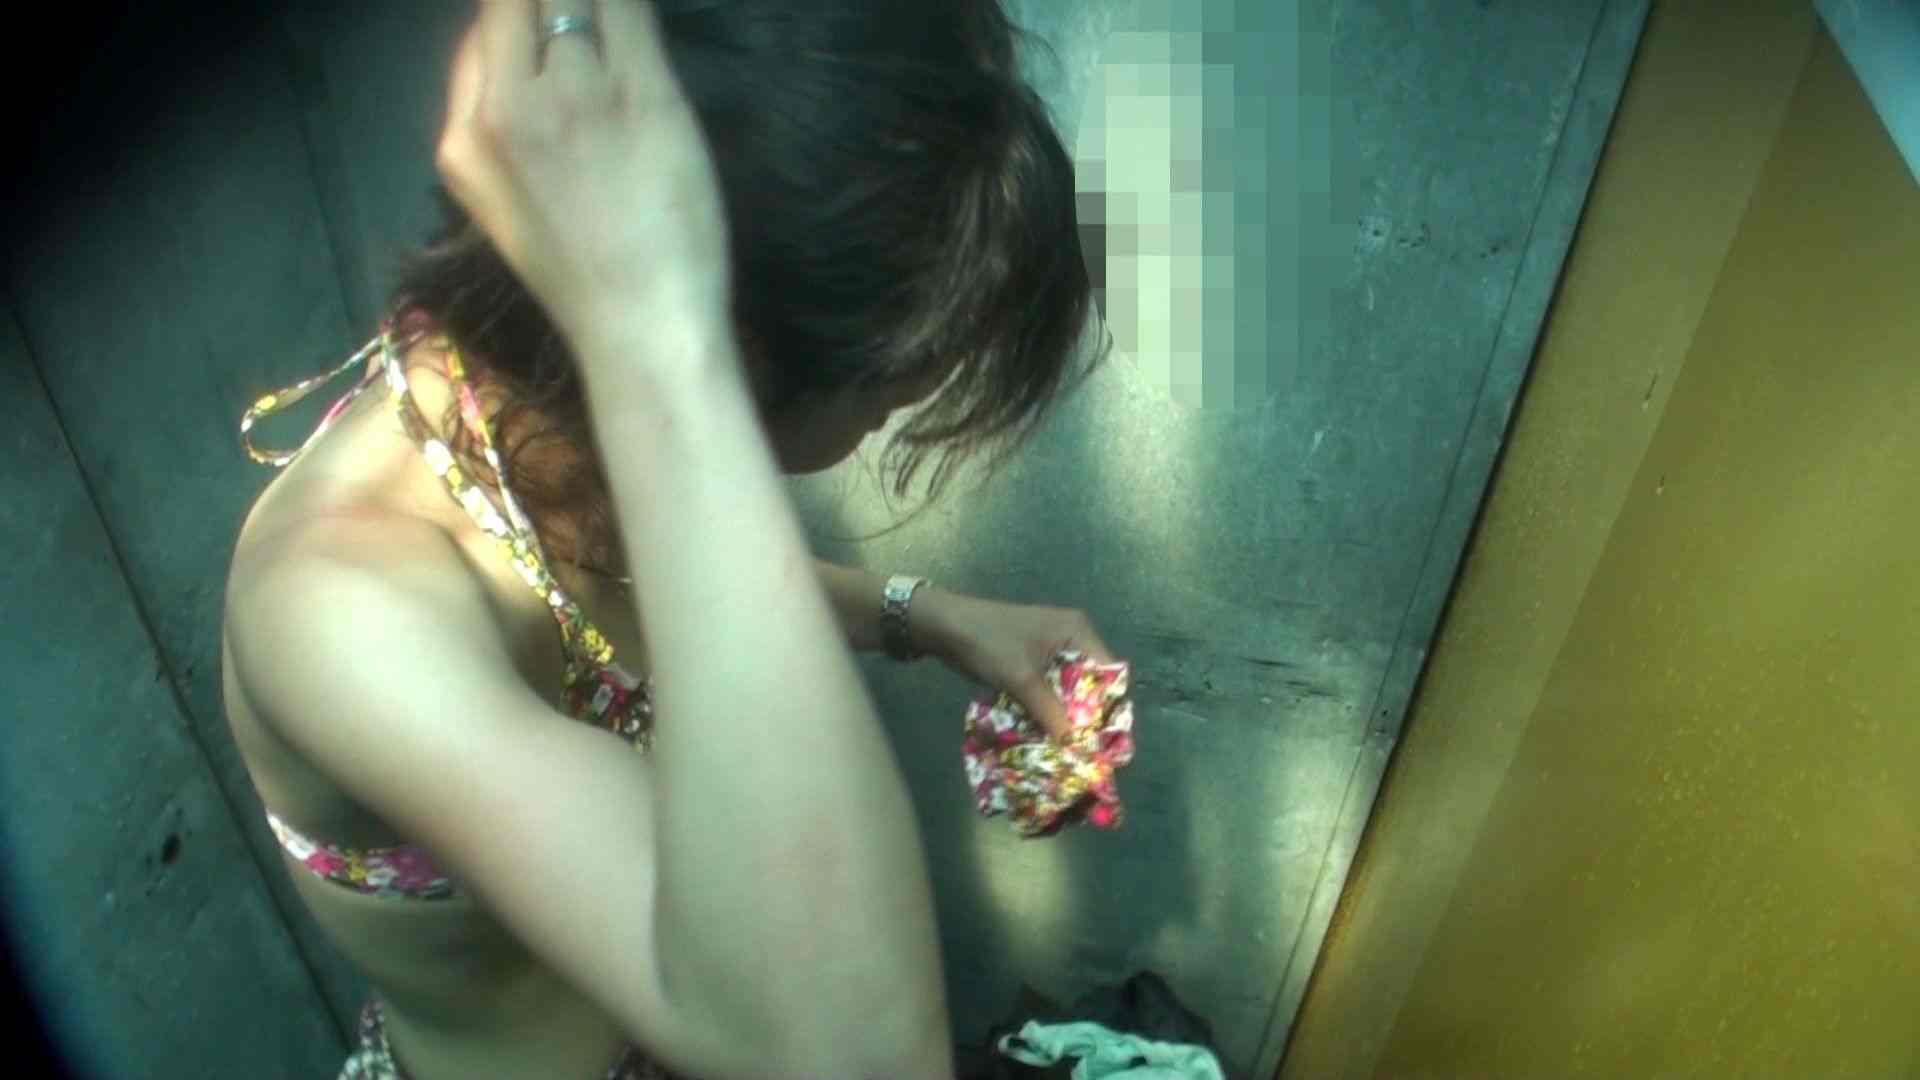 シャワールームは超!!危険な香りVol.16 意外に乳首は年増のそれ 高画質 のぞき濡れ場動画紹介 61pic 35